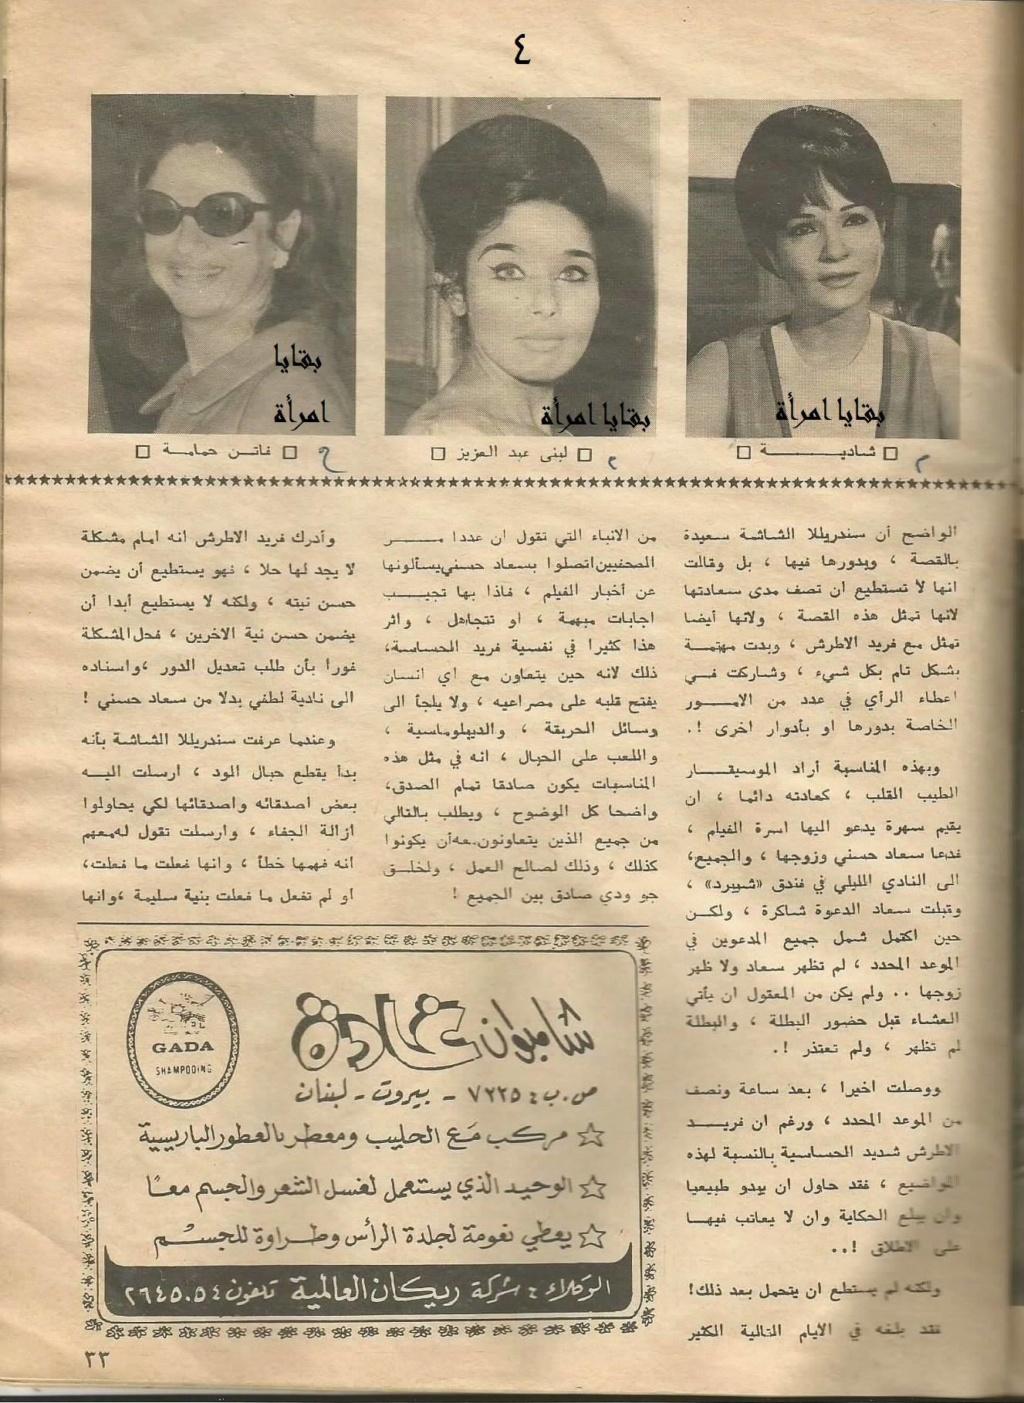 مقال - مقال صحفي : من تكون حولييت رقم 30 التي سيحبها فريد الأطرش ؟ 1971 م 4104